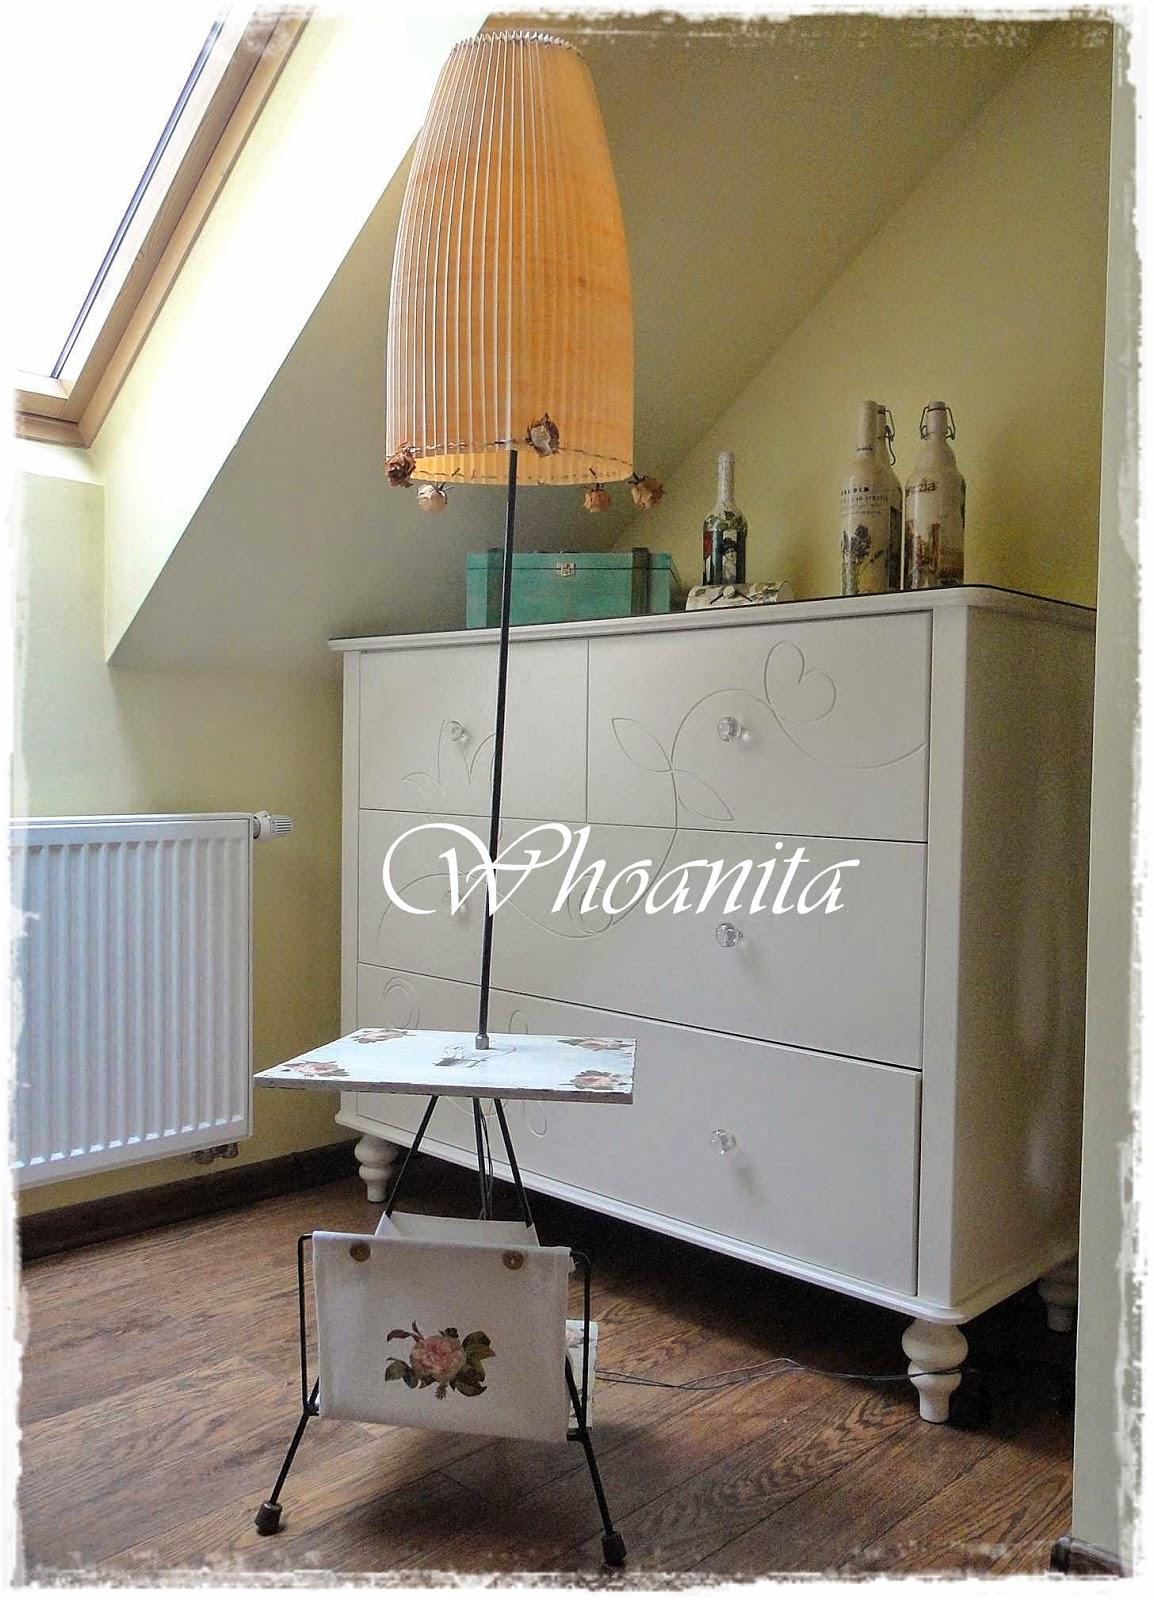 Lampa ze stolikiem i gazetnikiem z lat 60 w stylu Shabby Chic